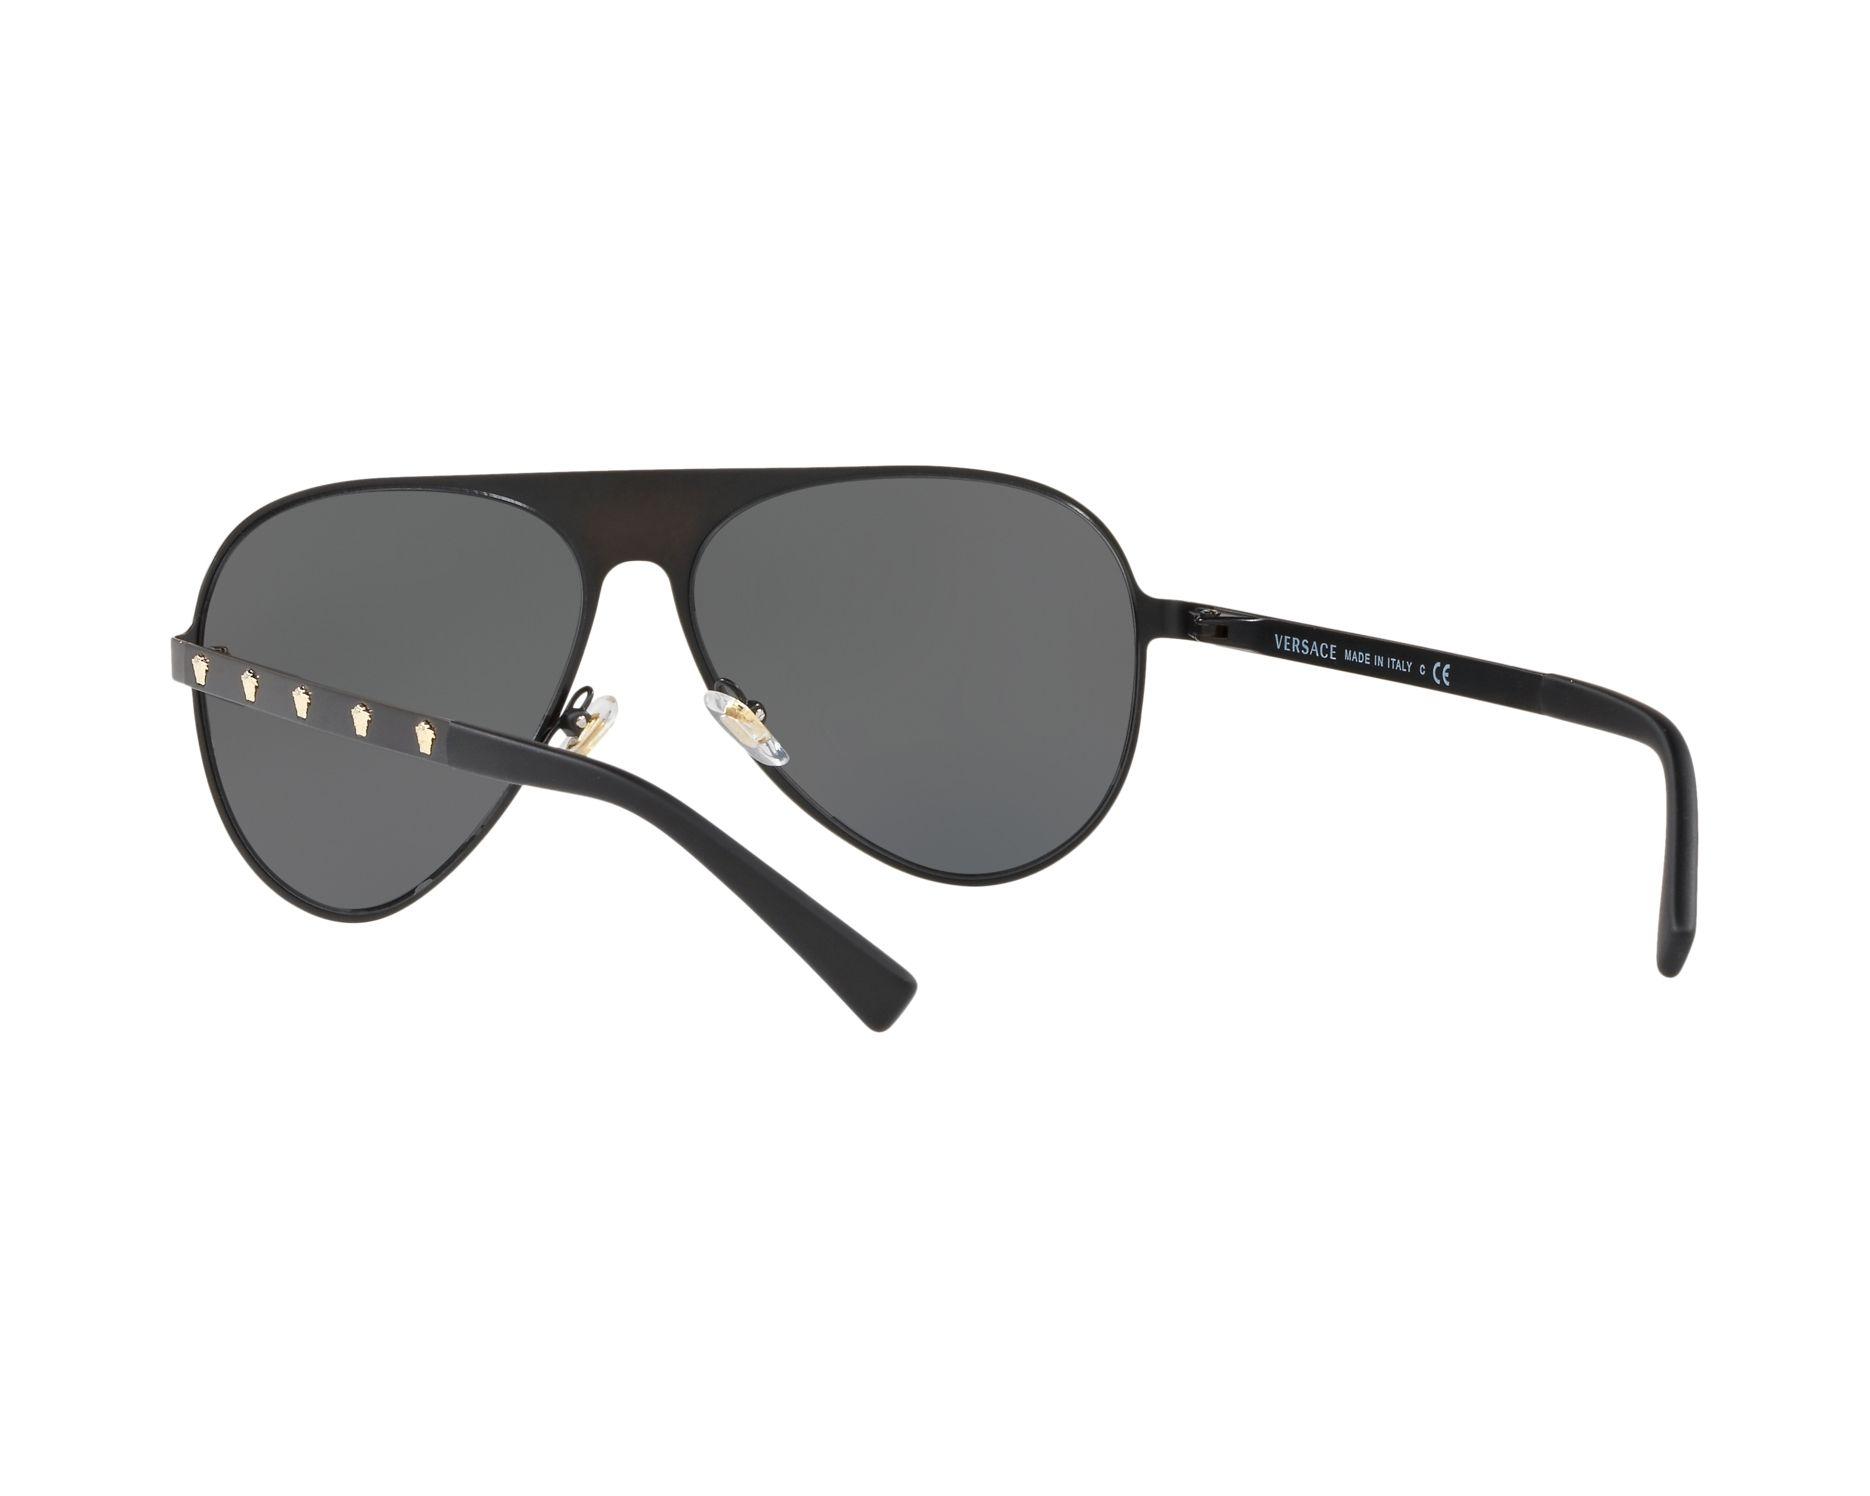 Versace Sonnenbrille » VE2189«, schwarz, 142587 - schwarz/grau